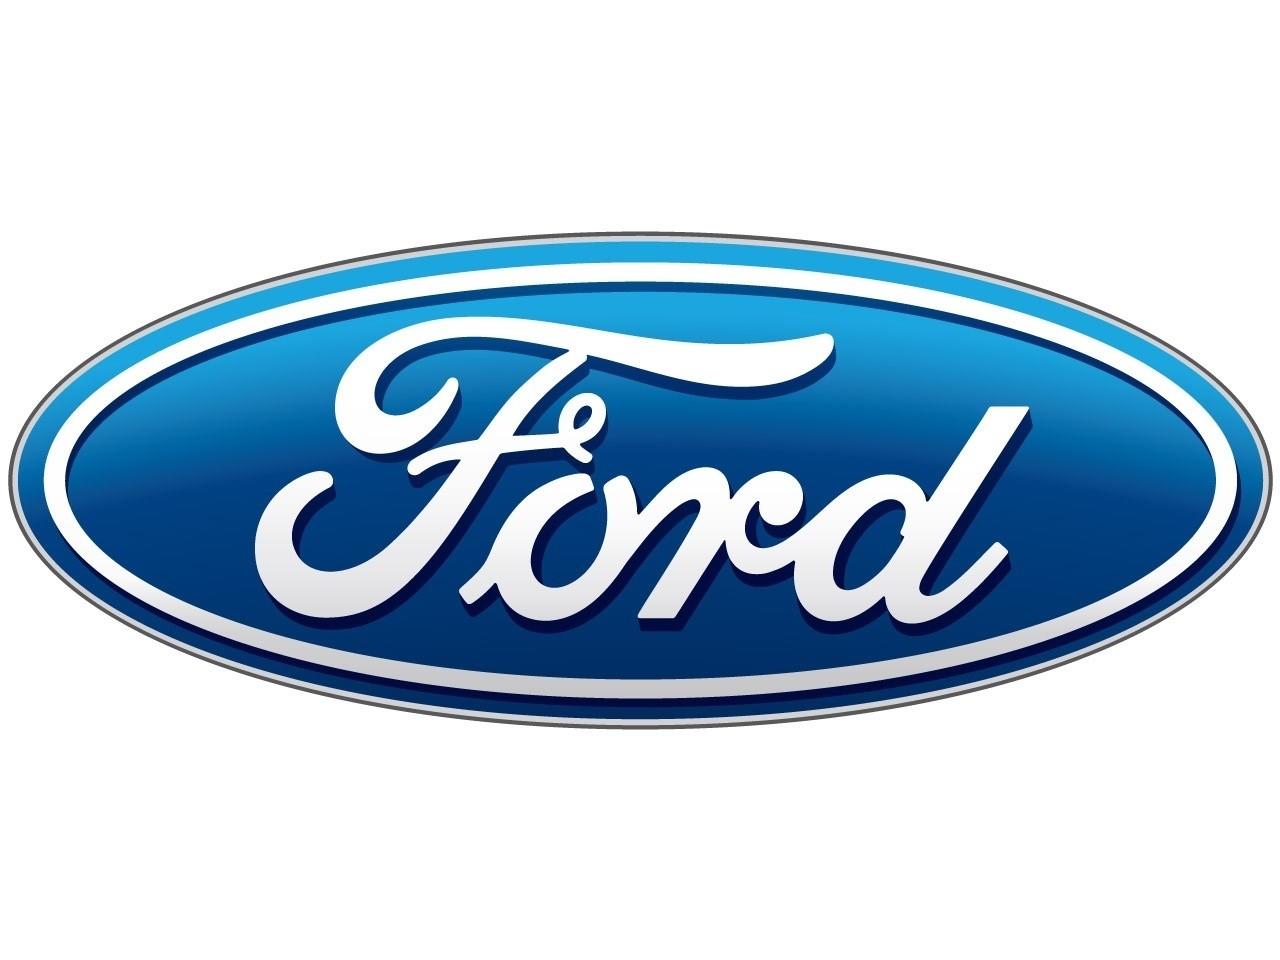 Ford работает над автопилотом для езды побездорожью class=